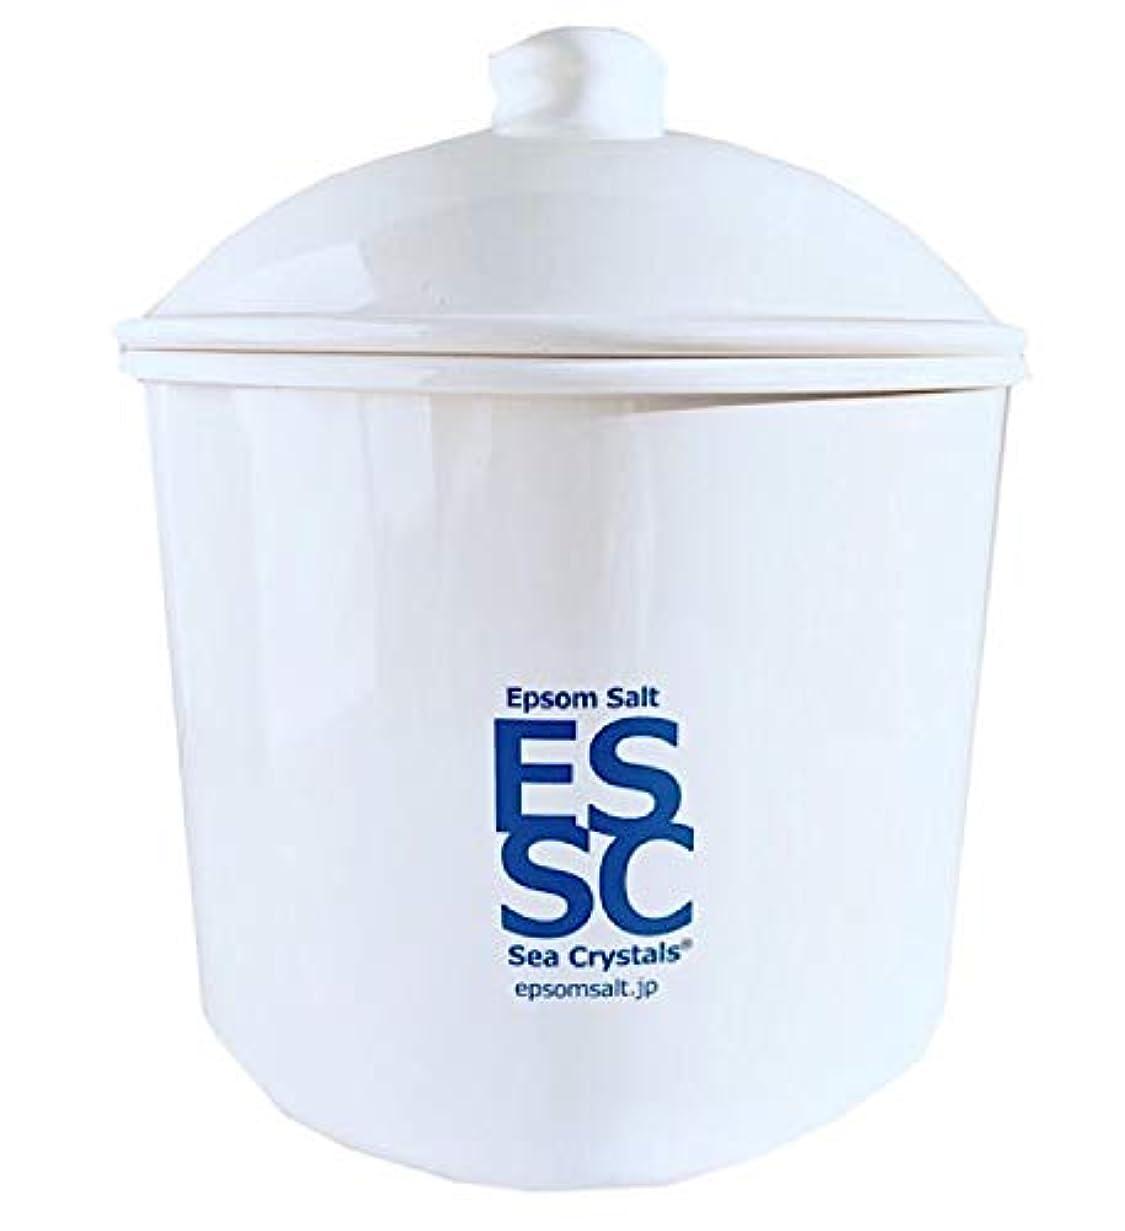 医薬歌詞早めるシークリスタルス 国産 エプソムソルト 入浴剤 ケース入り2.2kg 約14回分 計量スプーン付き 無香料 硫酸マグネシウム